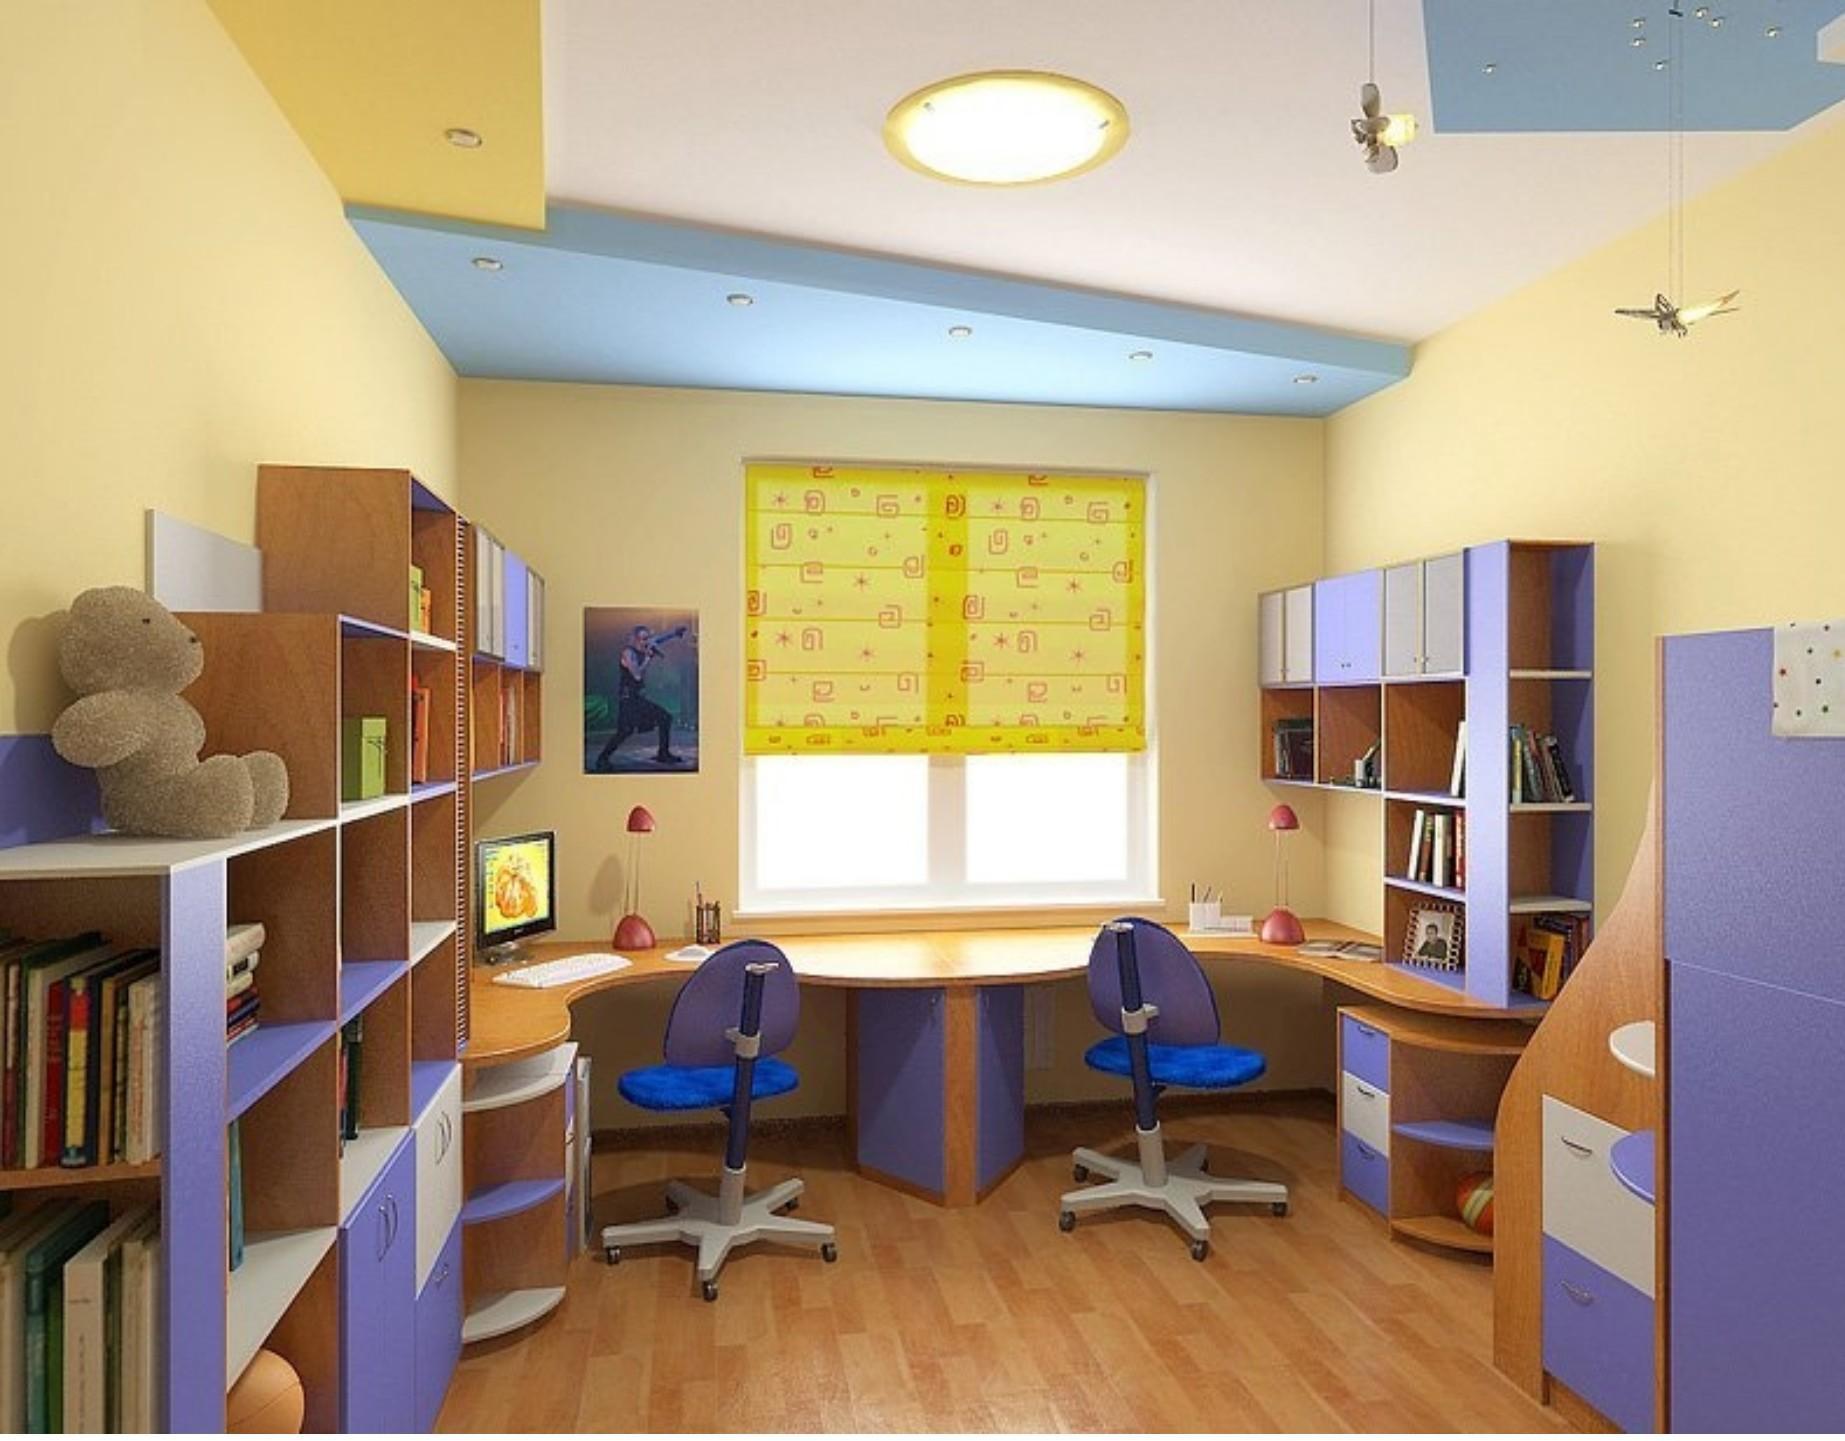 Детская комната для двух мальчиков - фото и идеи дизайна.